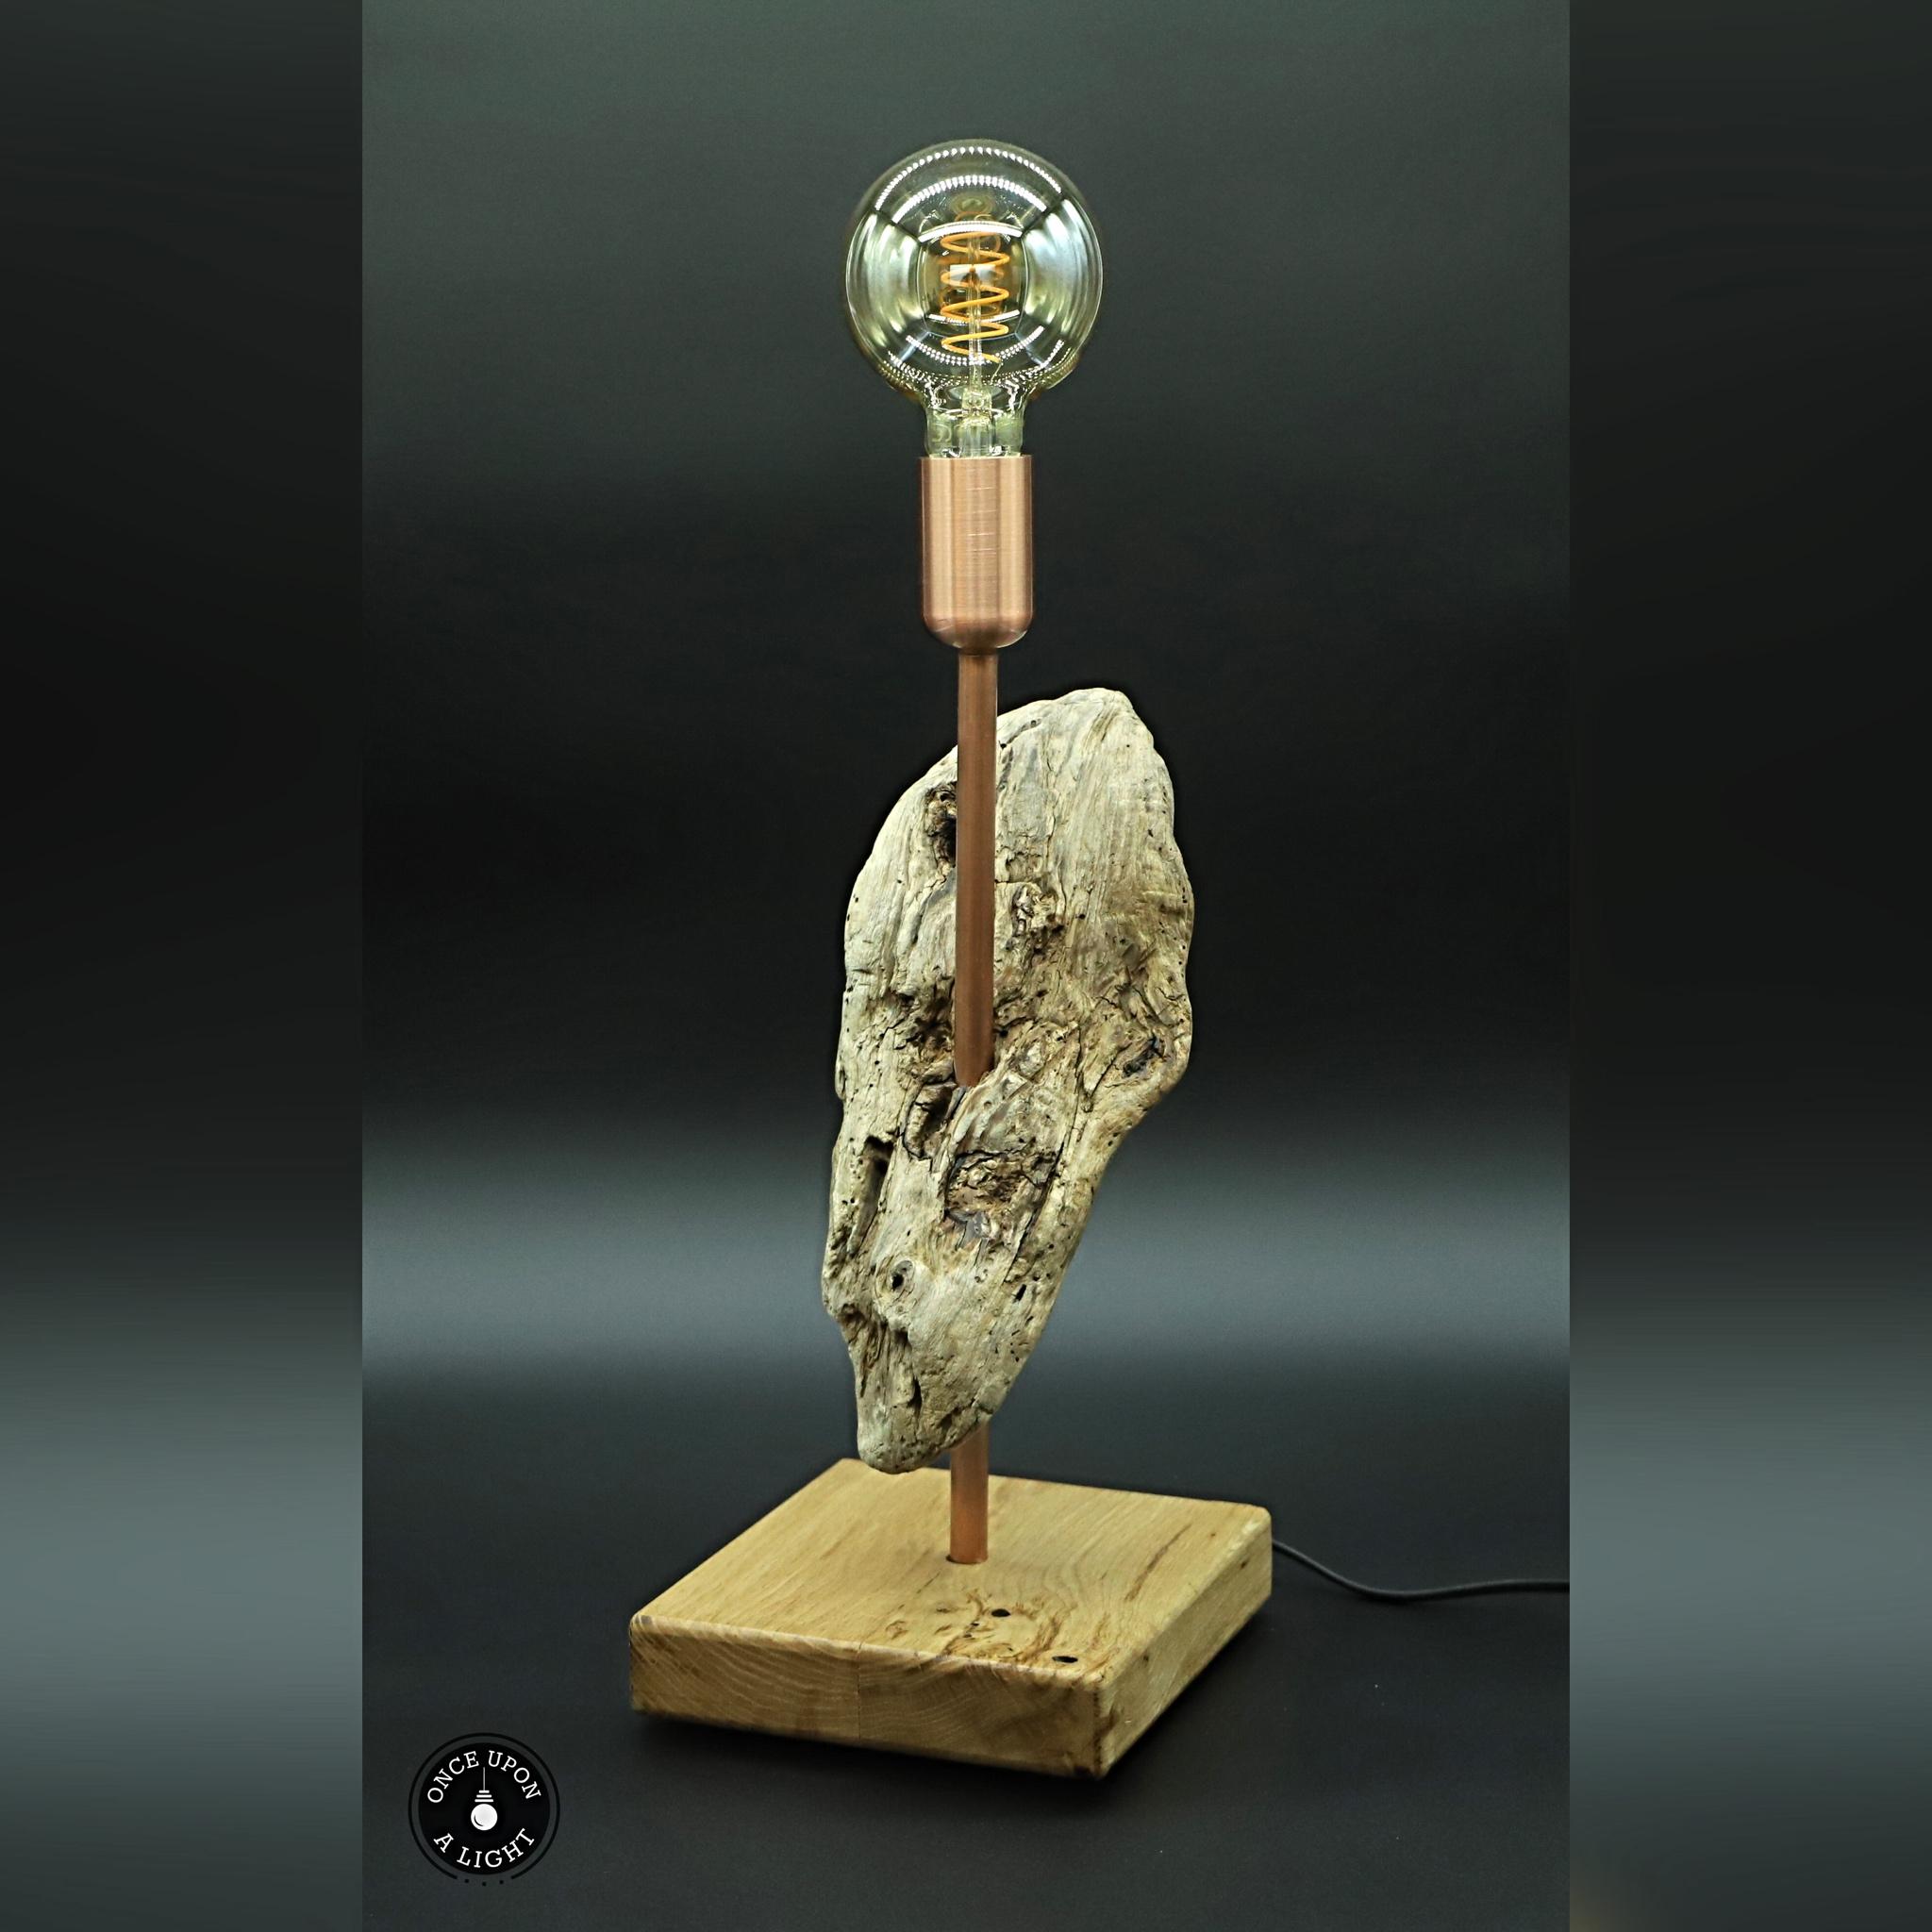 Lampe de table bois, bois flotté et cuivre avec ampoule led